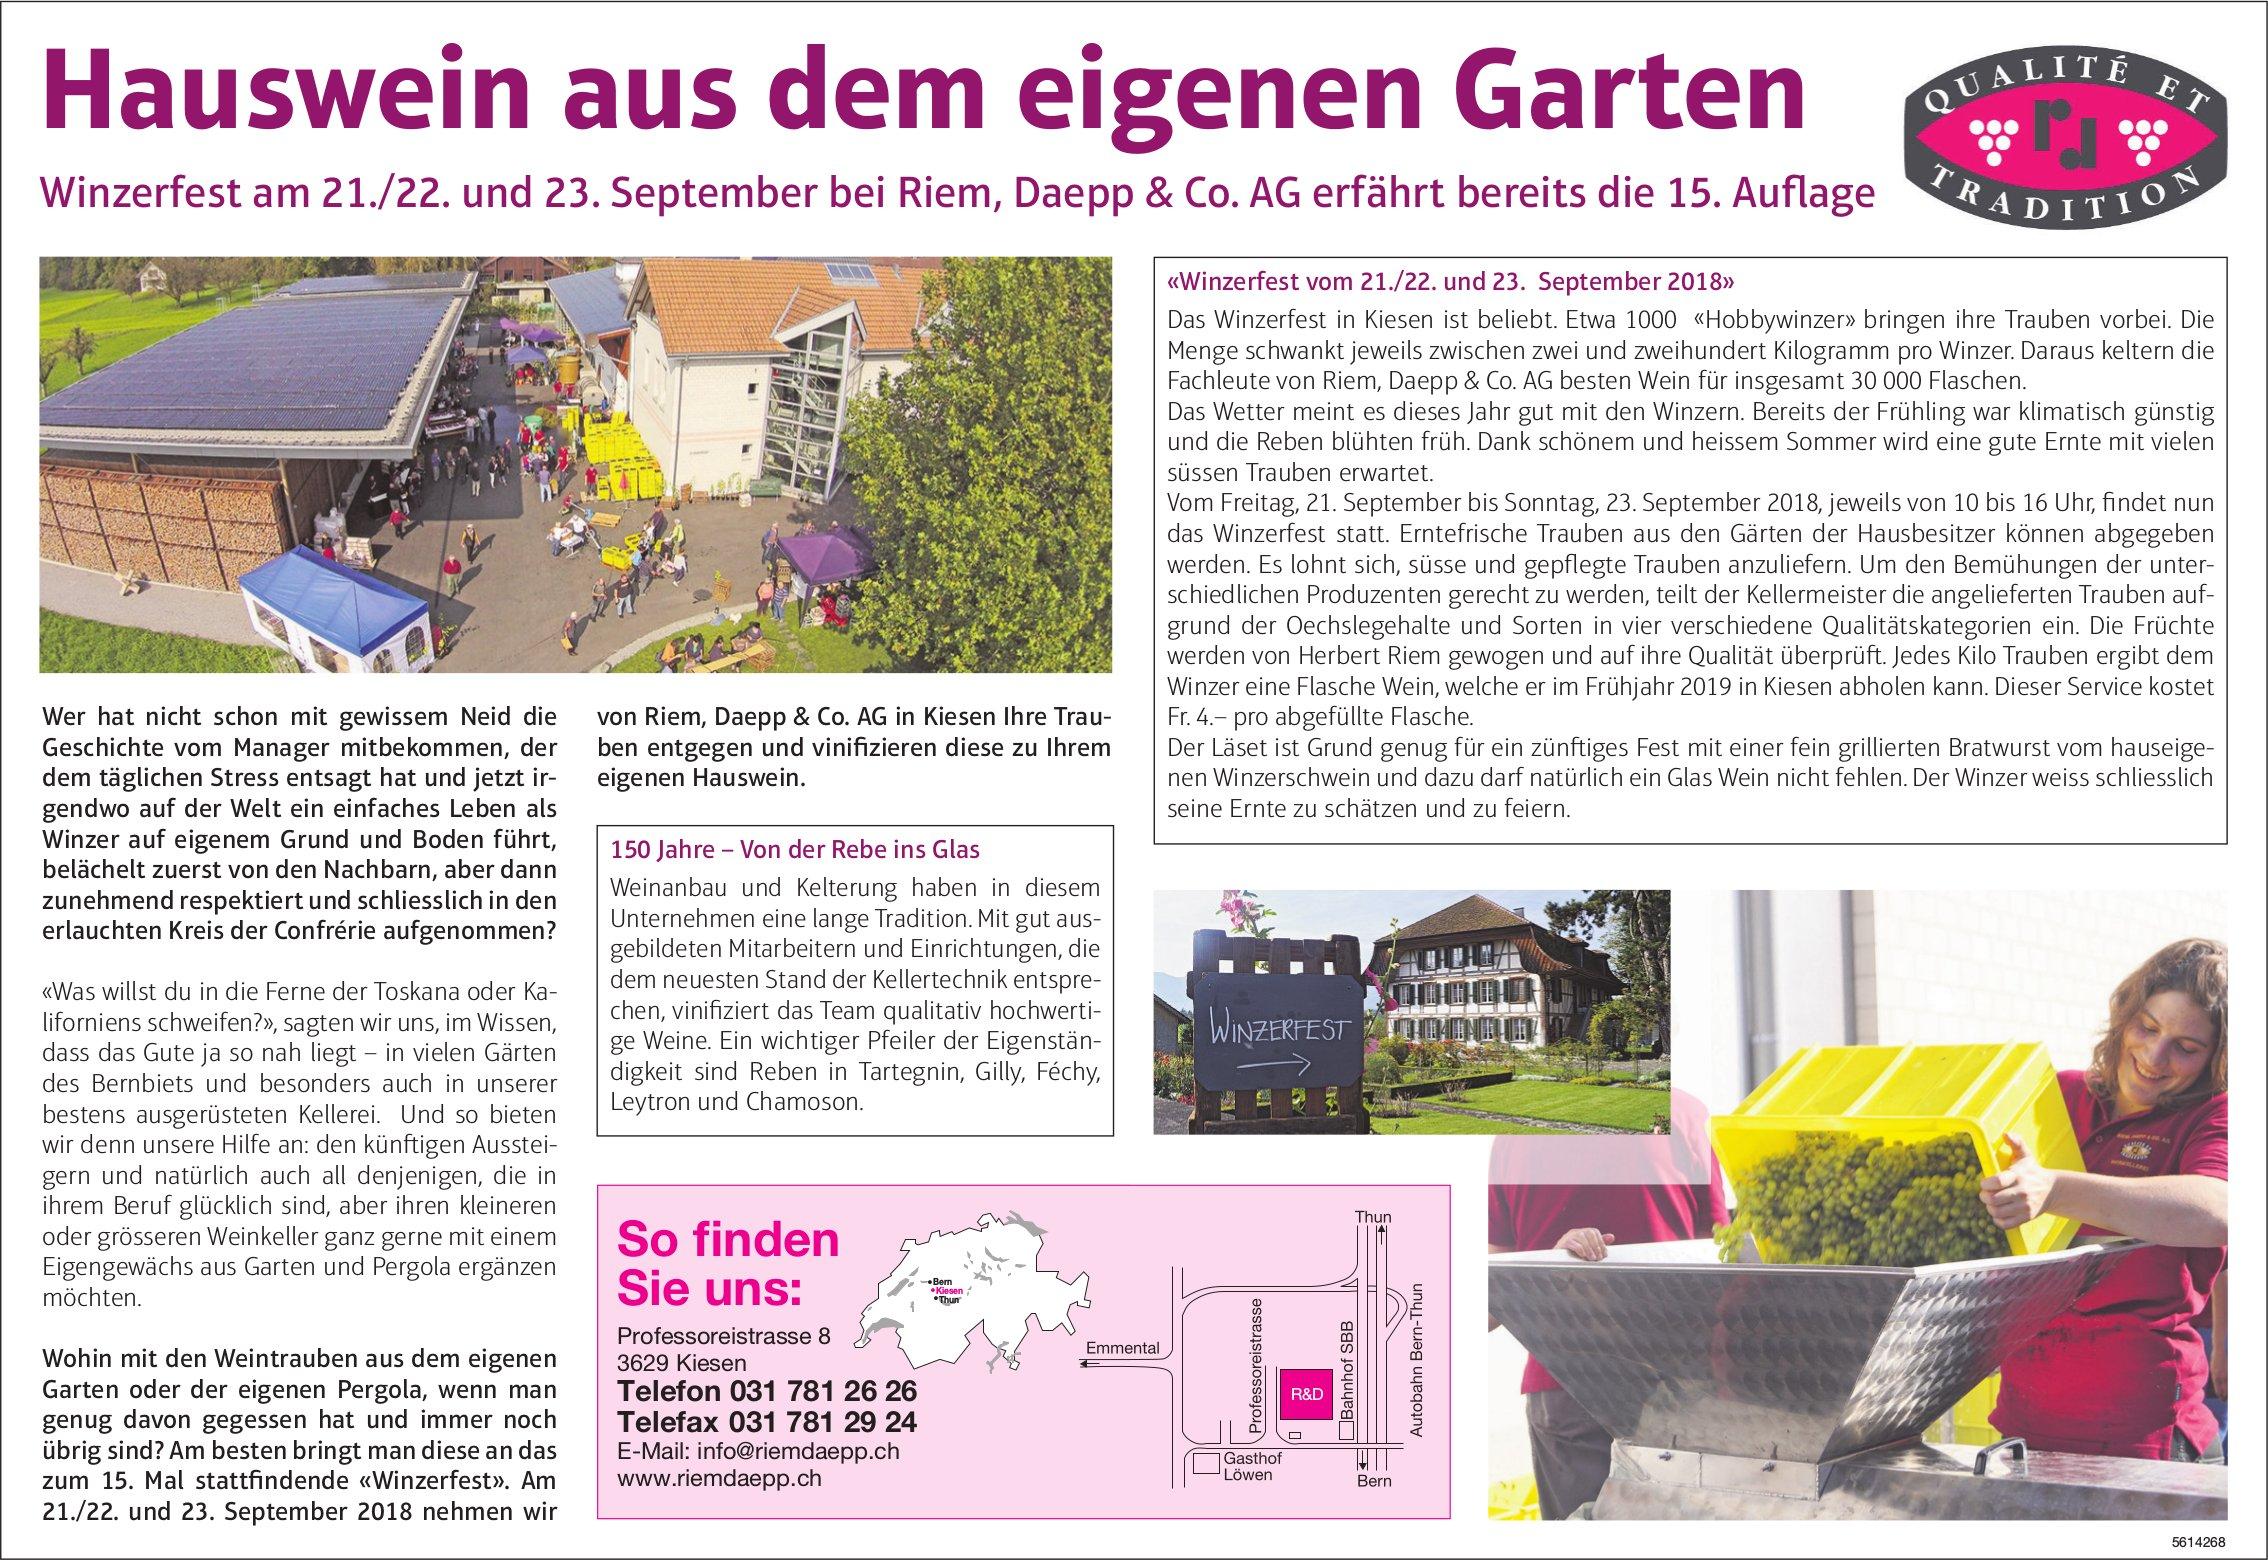 Hauswein aus dem eigenen Garten - Winzerfest am 21./22. 23. September bei Riem, Daepp & Co. AG